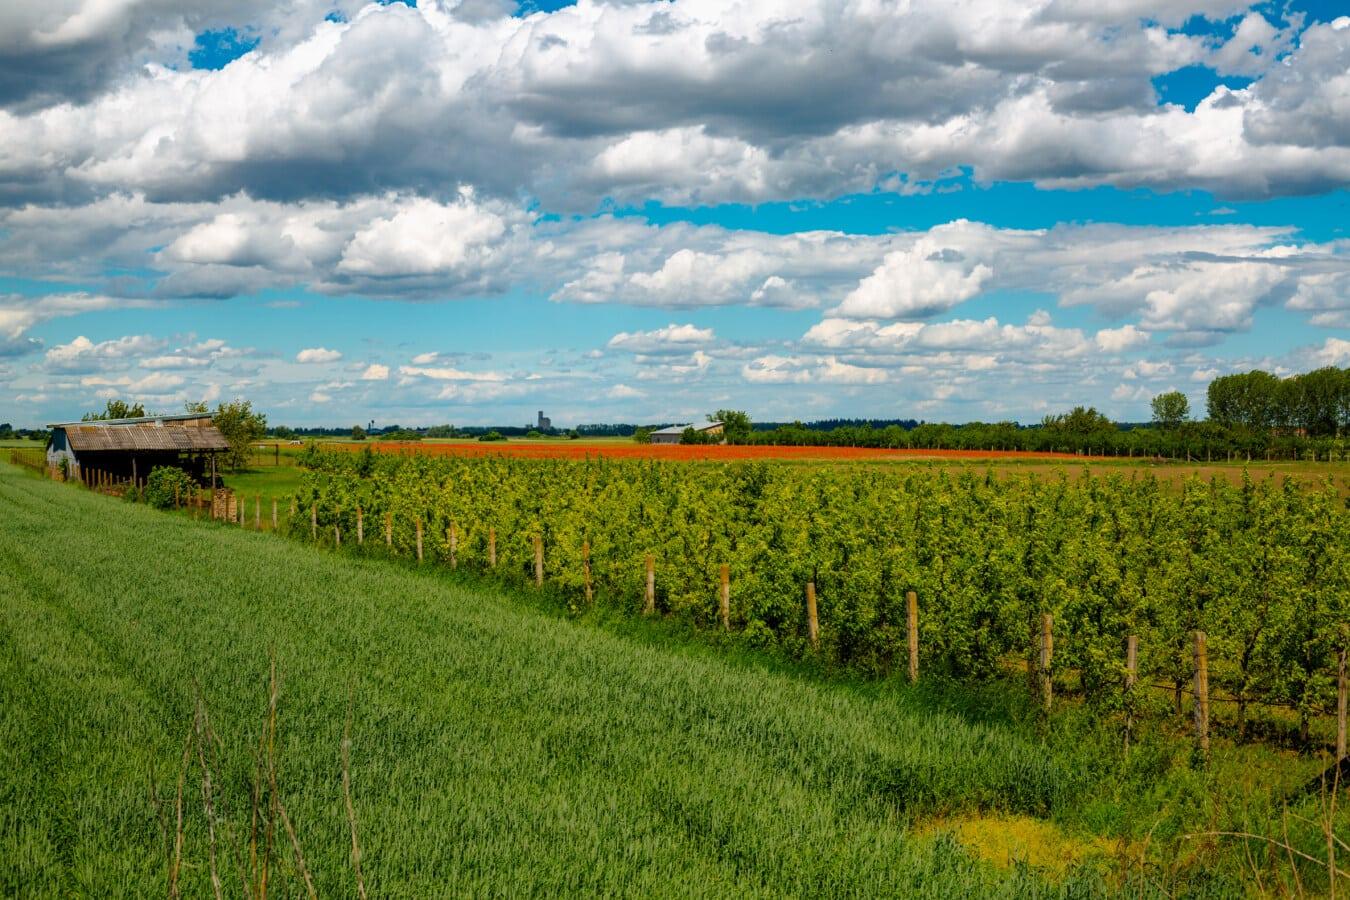 pšeničné polia, pole, poľnohospodárstvo, prístrešok, ovocný sad, statok, poľnohospodárska pôda, tráva, repka olejná, farma